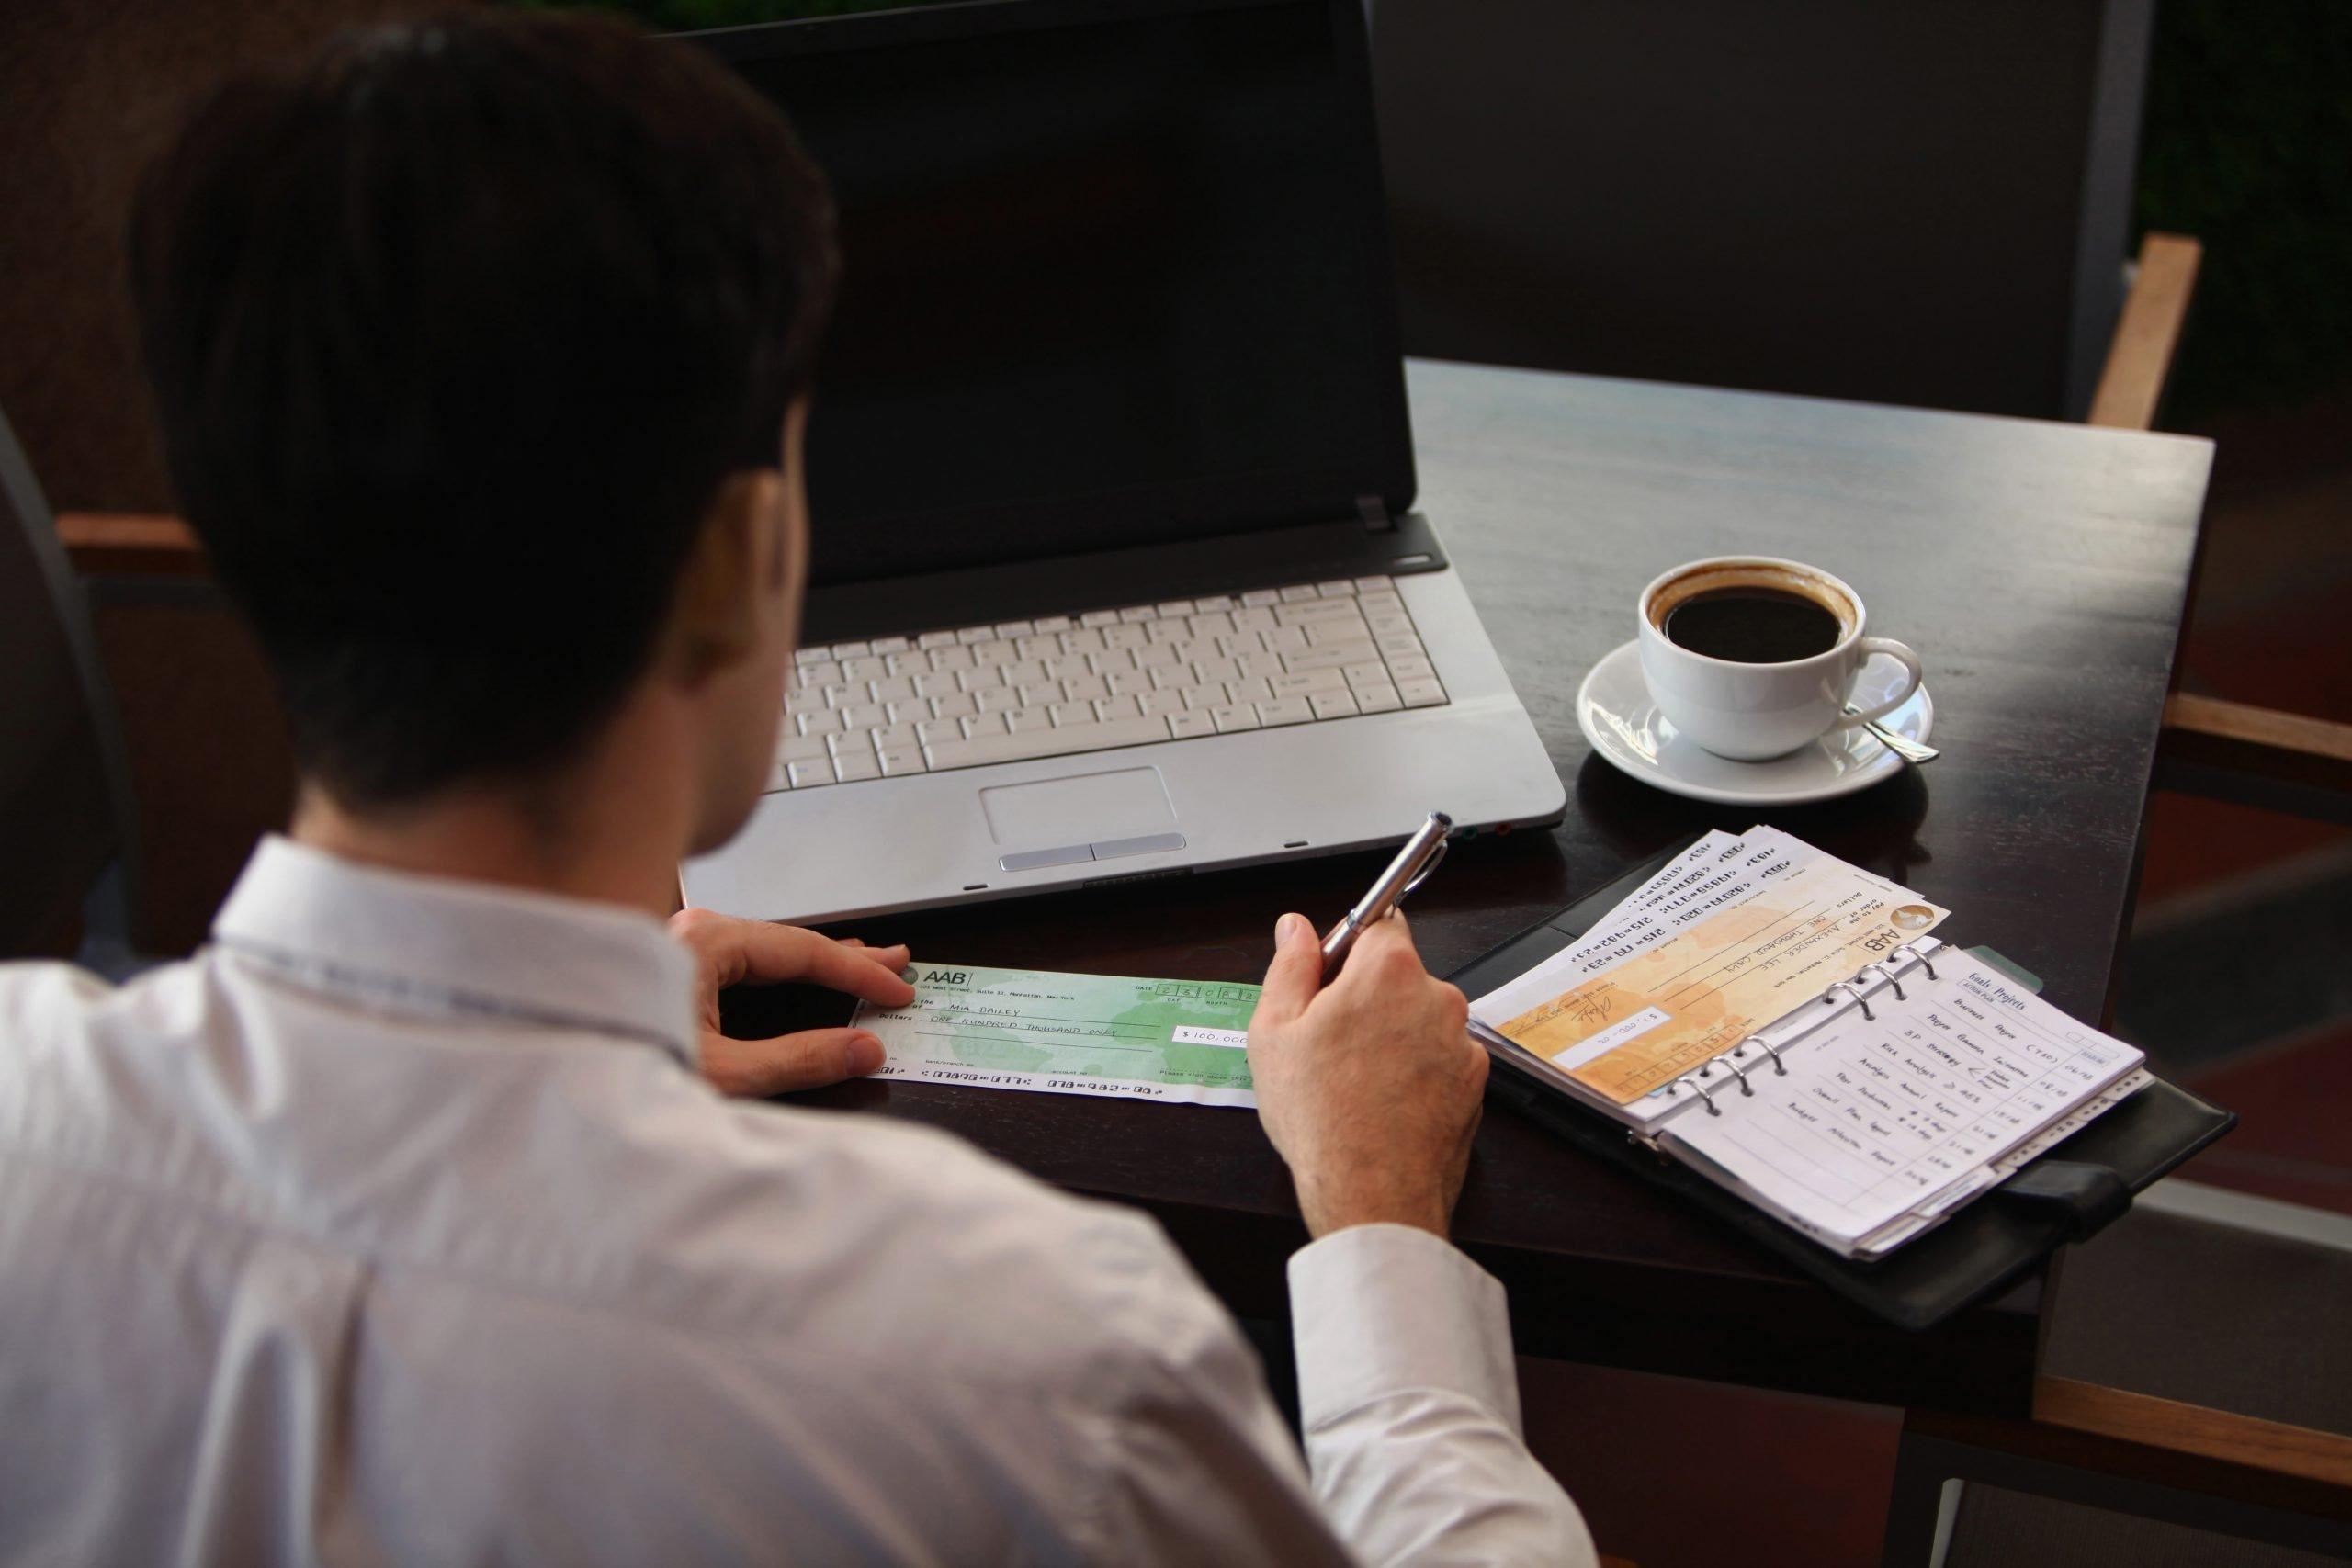 De voor – en nadelen van het uitschrijven van blanco cheques (SPAC)